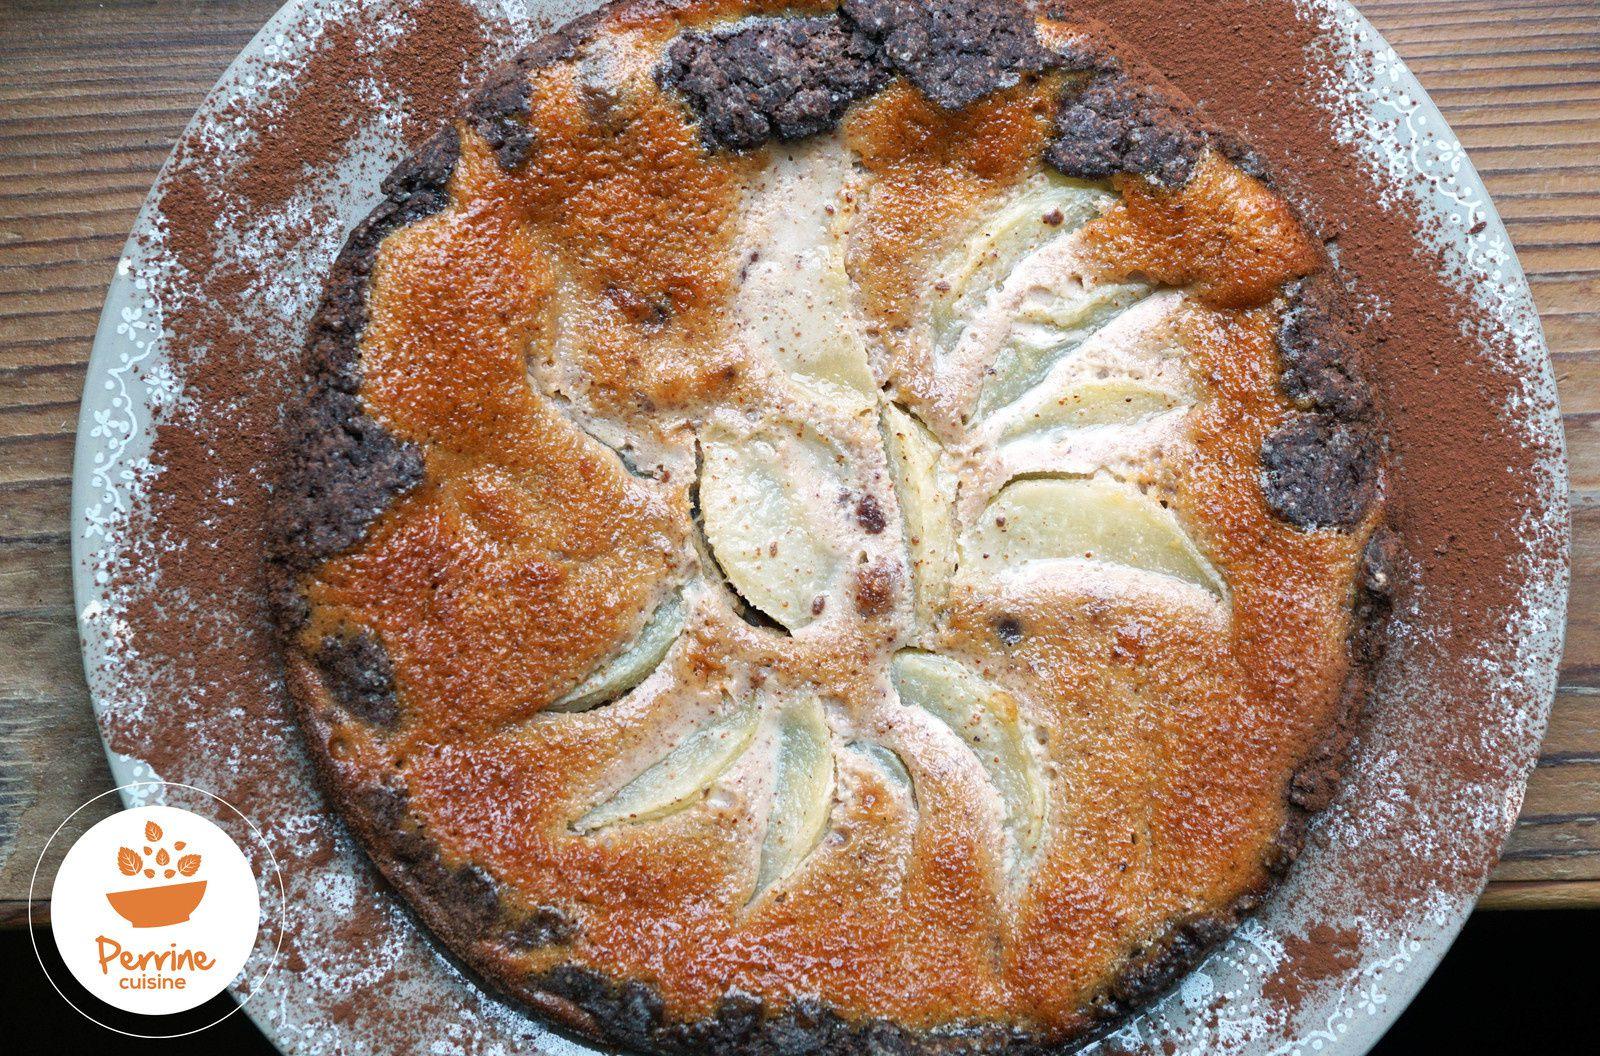 Tarte bourdaloue purée d'amandes Perrine Cuisine